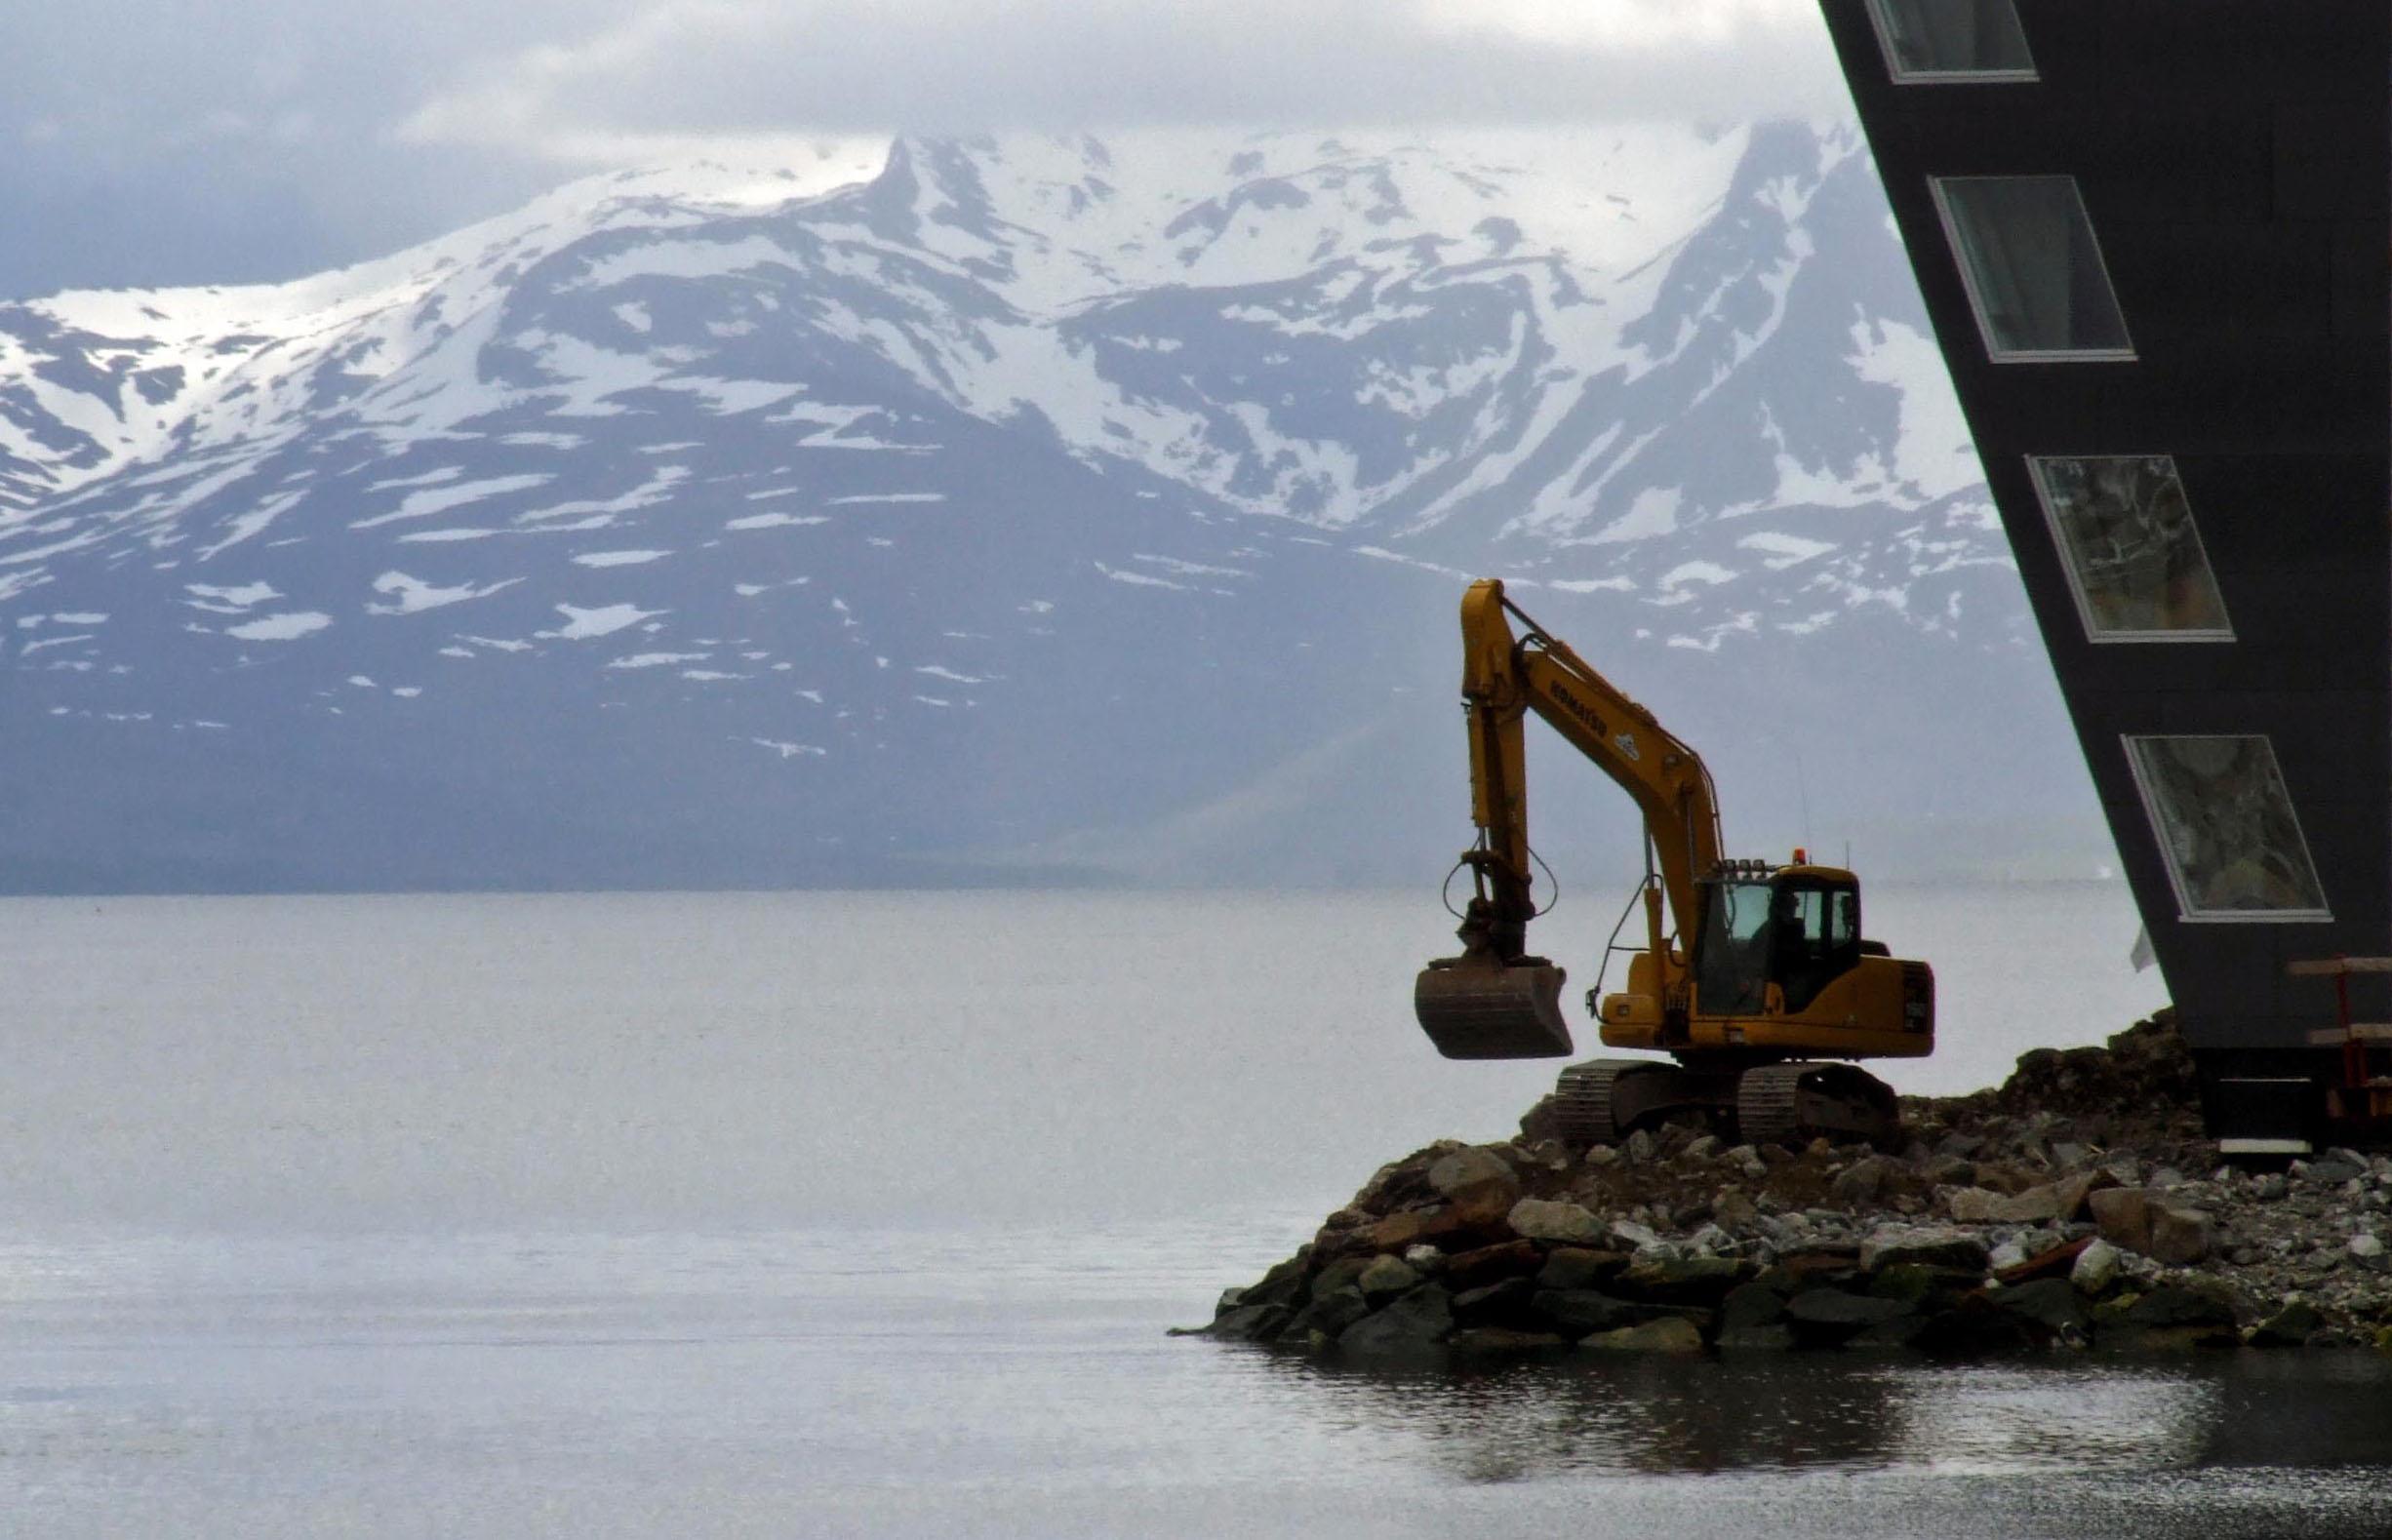 Teknik och samarbete viktigast för hållbar utveckling i Arktis